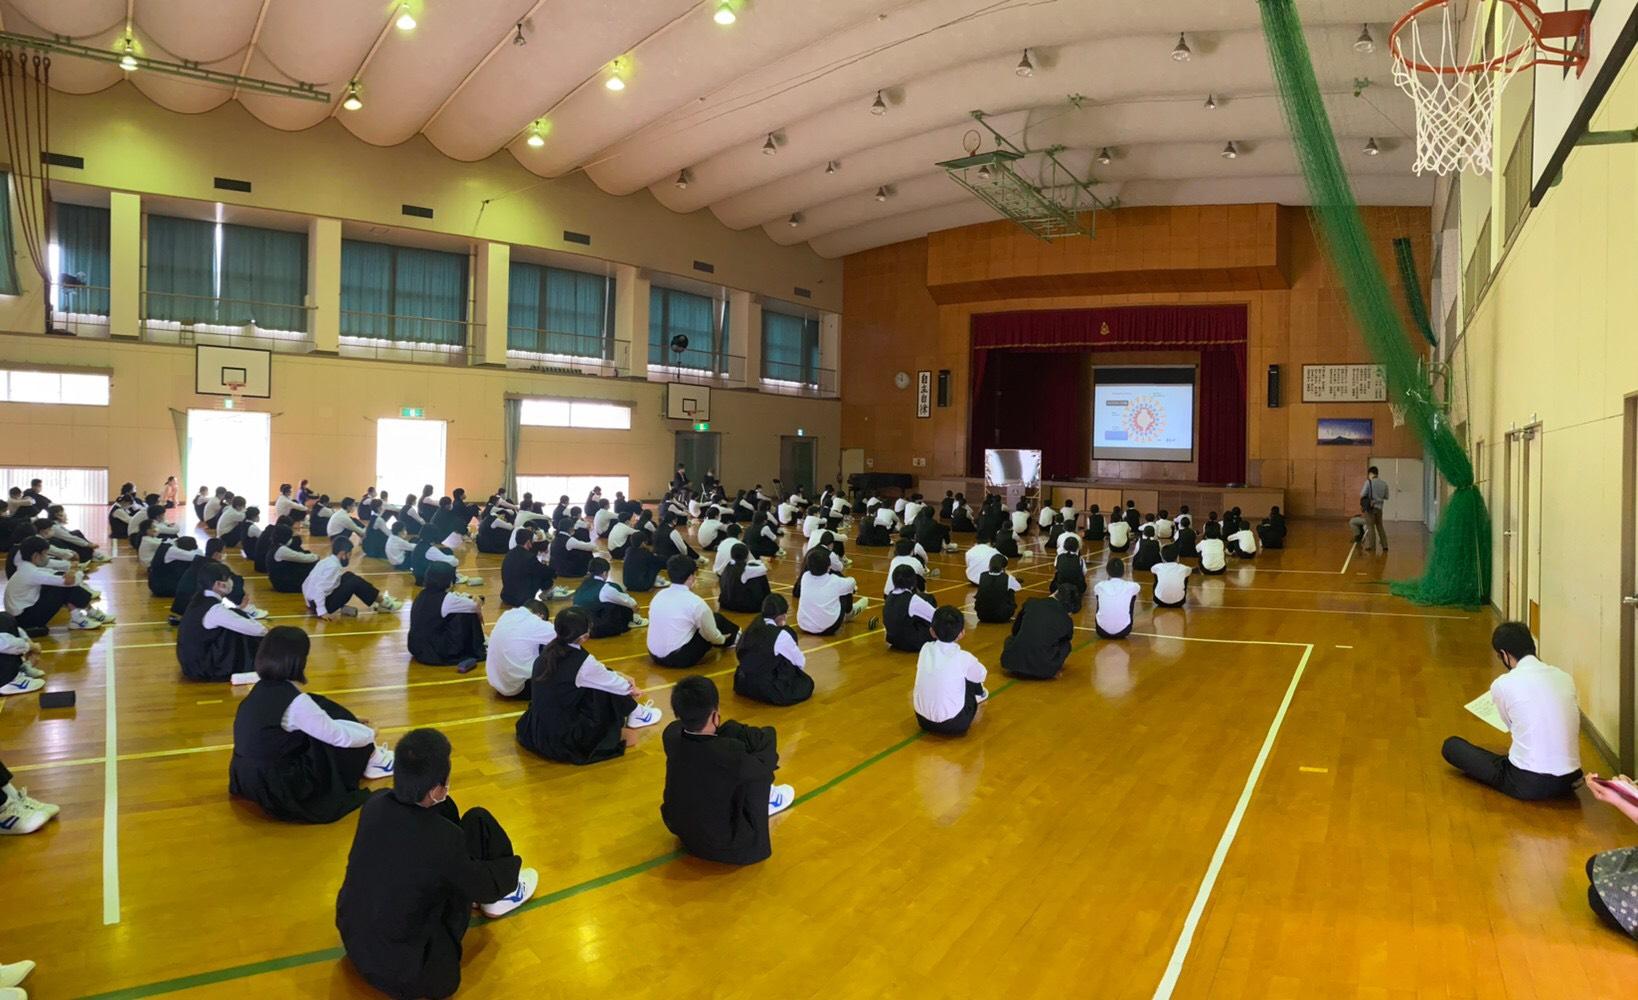 陵南中学校でコロナウィルスに関する講話を開催しました